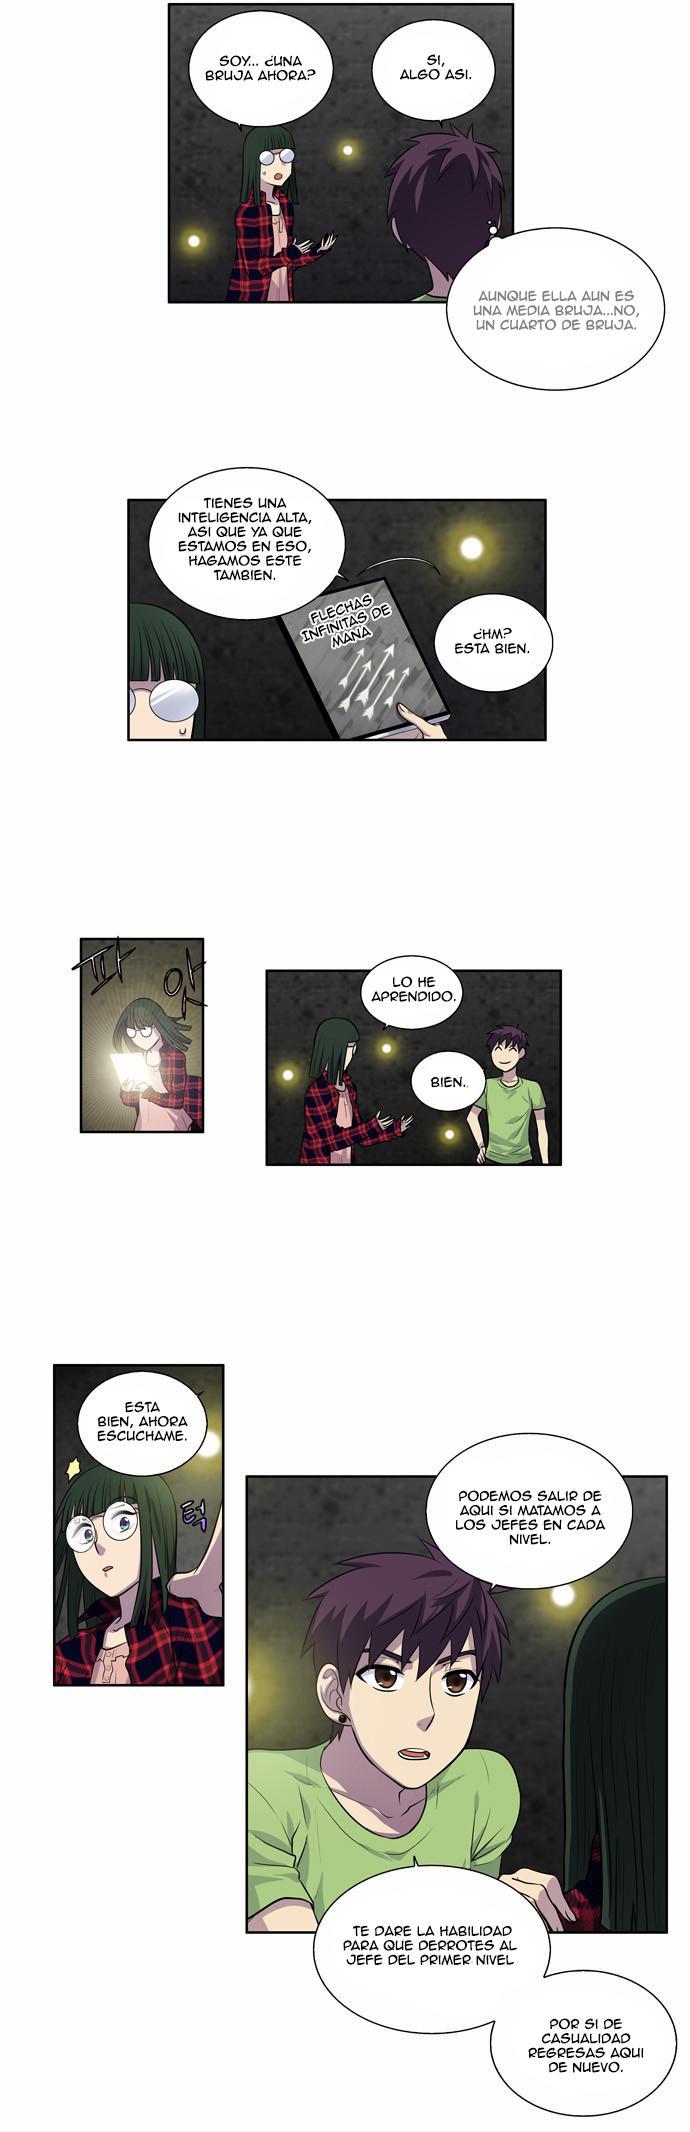 http://c5.ninemanga.com/es_manga/61/1725/423523/46c2d9dd8ea2457367e2d53a9d0baddb.jpg Page 7